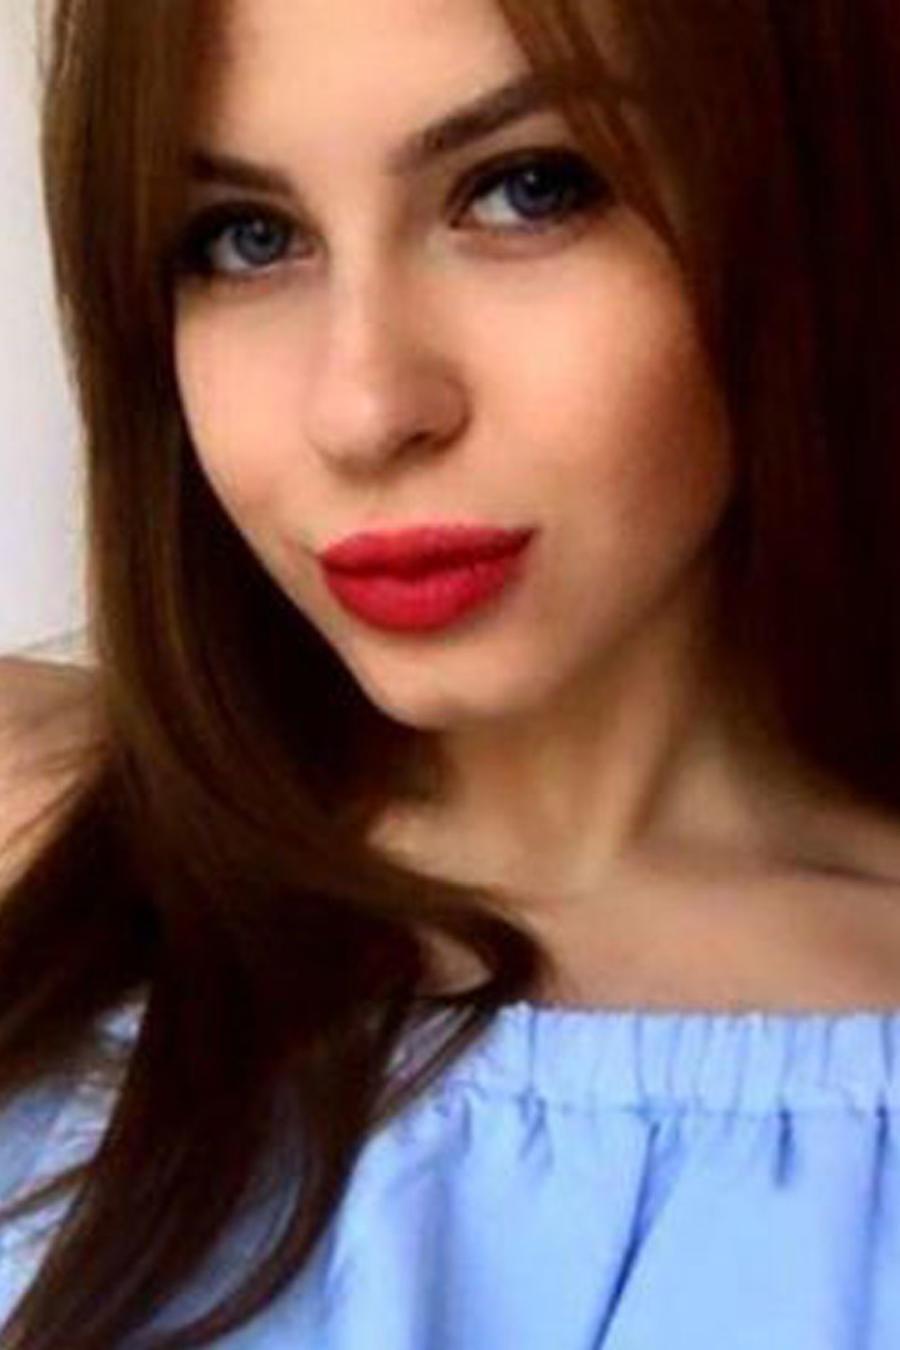 Subasta su virginidad en Internet para poder pagar sus estudios